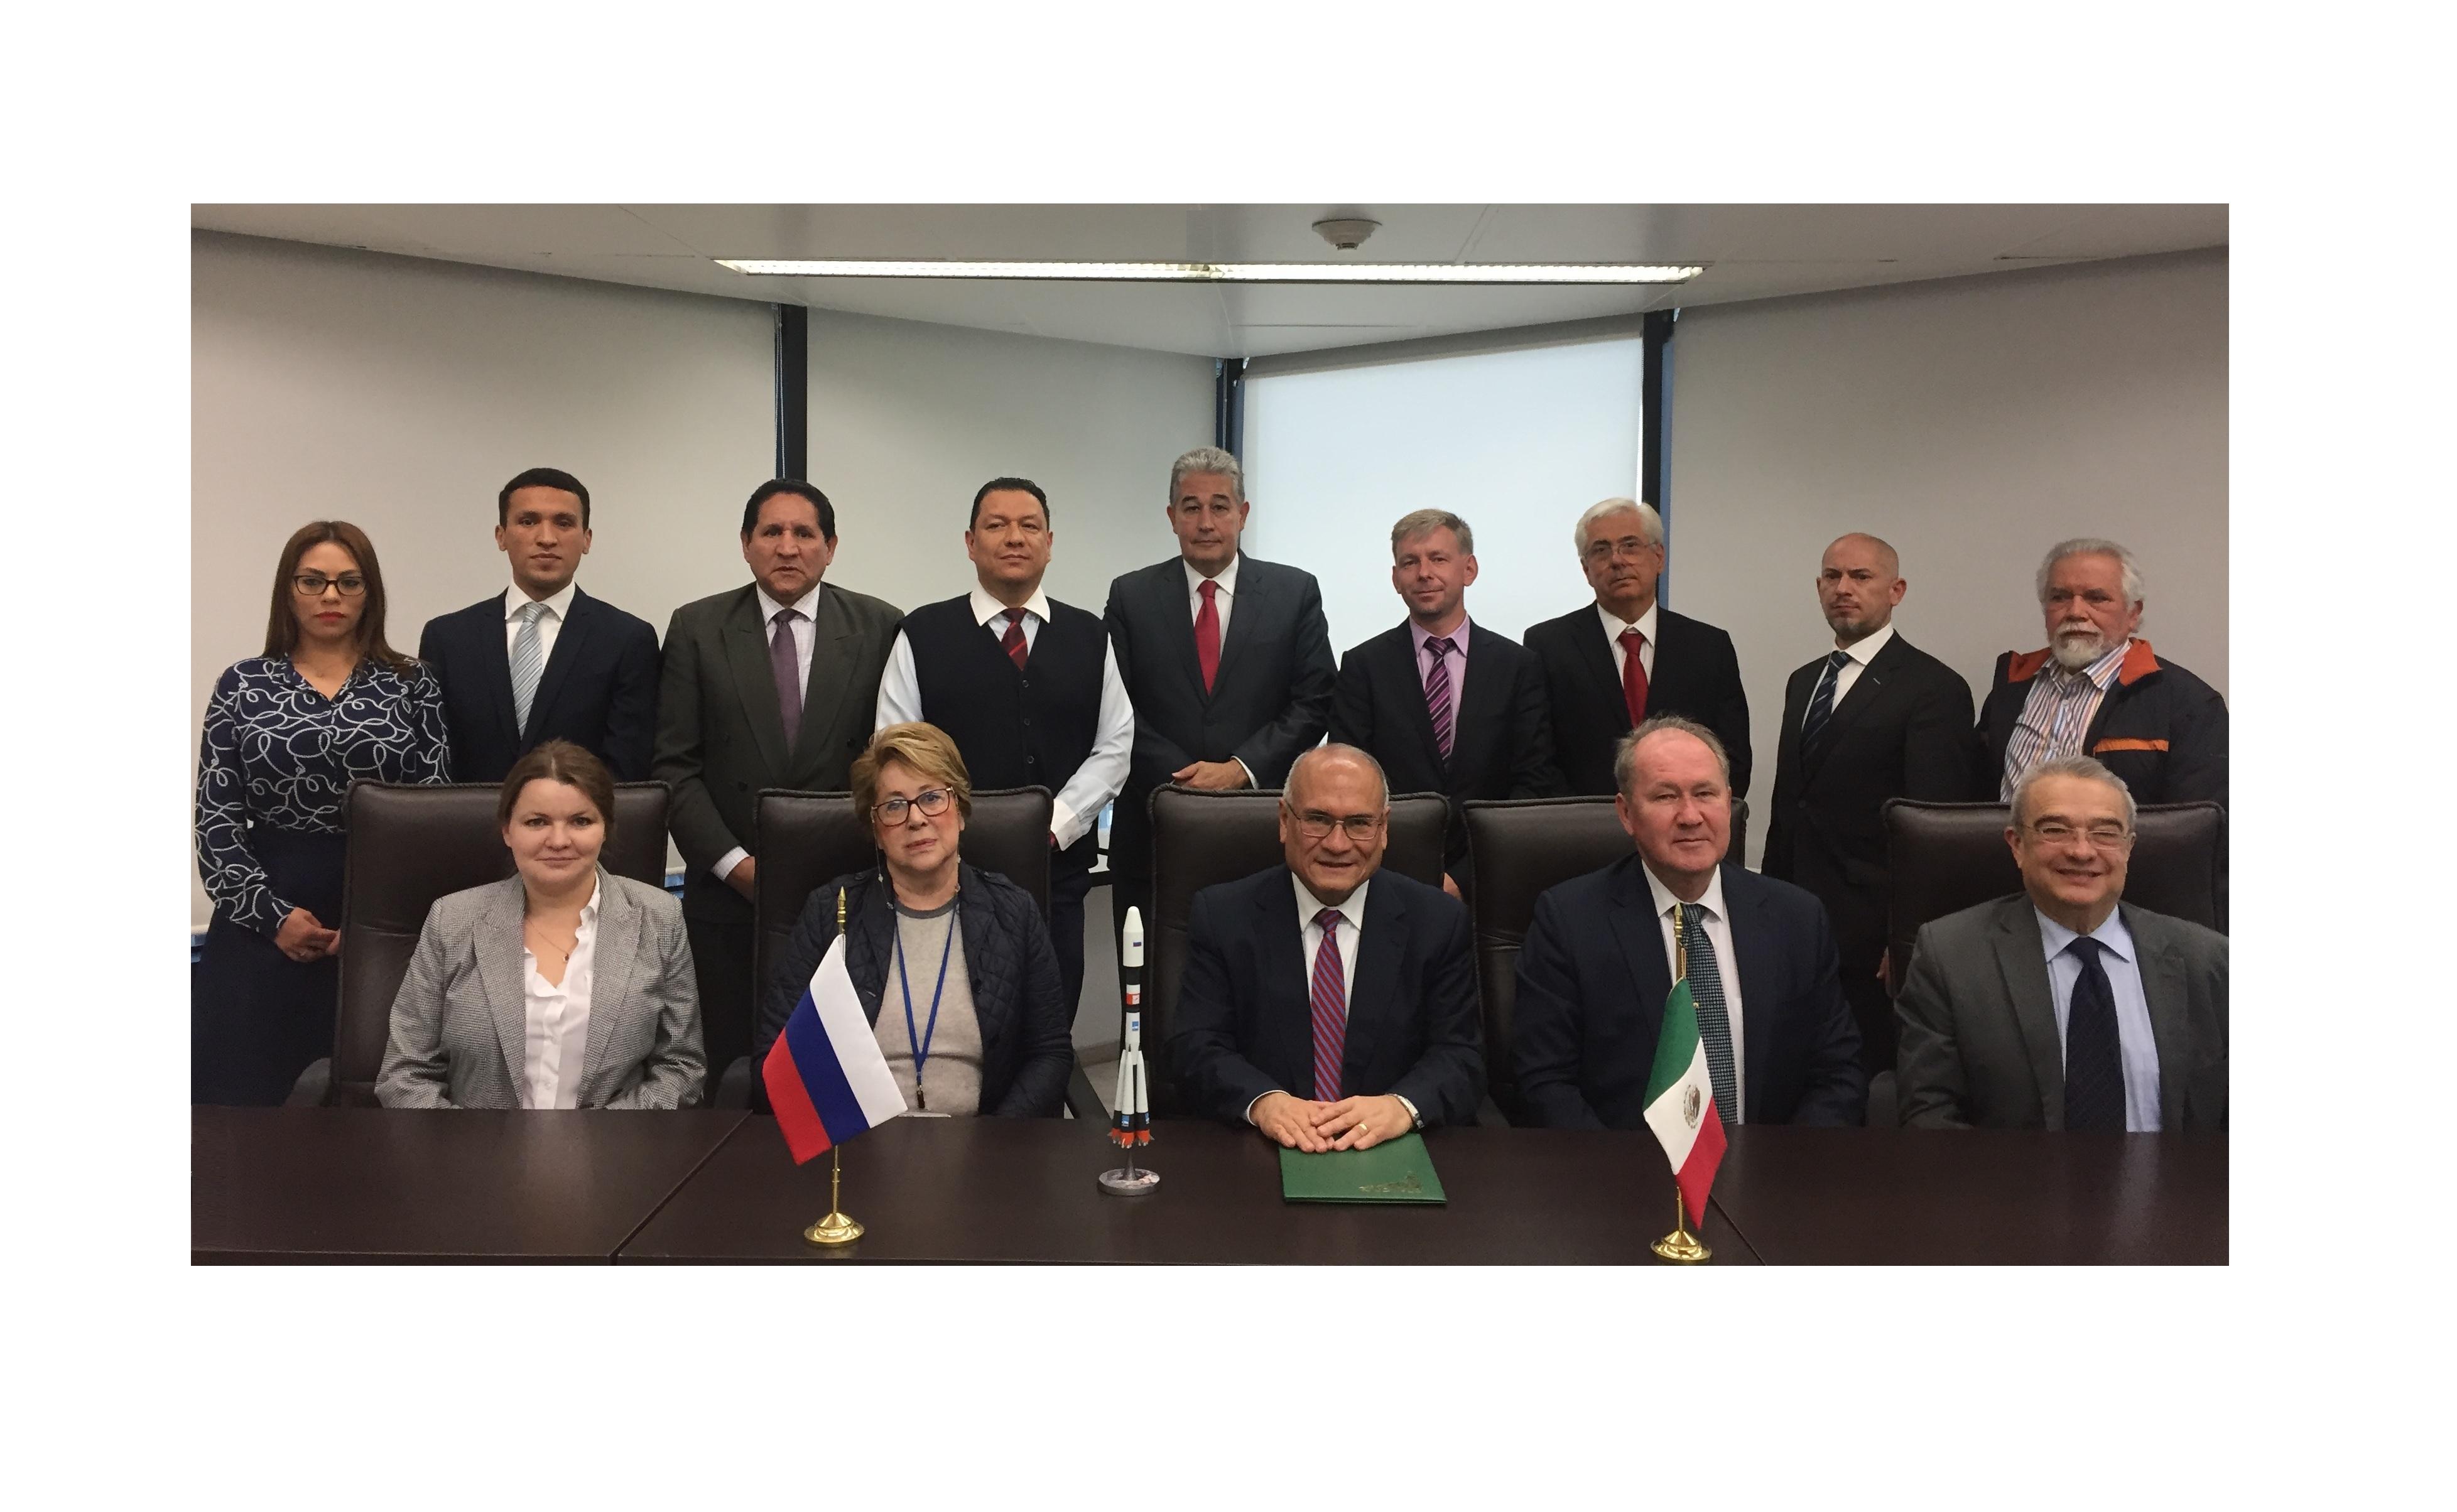 /cms/uploads/image/file/553555/Foto_SUMAR_N_ESFUERZOS_EN_PROYECTOS_ESPACIALES_M_XICO_Y_RUSIA.jpg